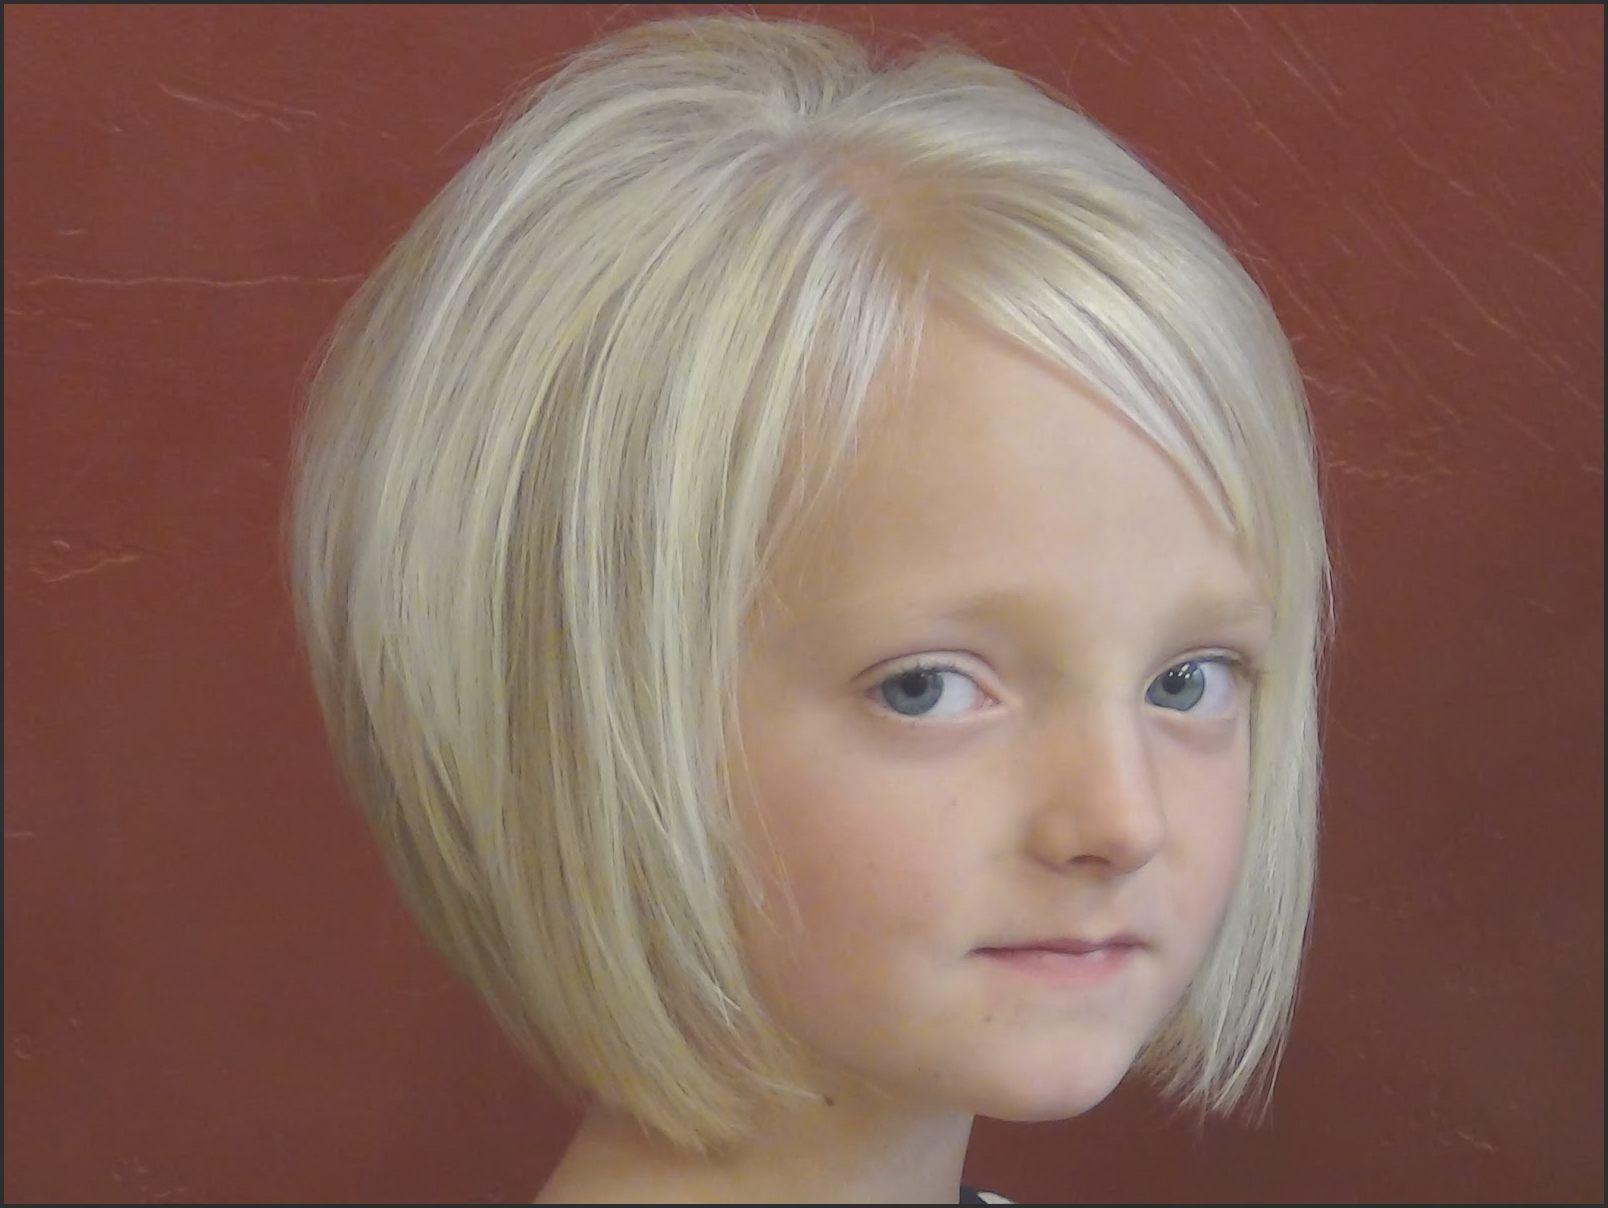 Frische S E Kleine M Dchen Frisuren #Kinderfrisuren #Baby #Kinderfrisurenm